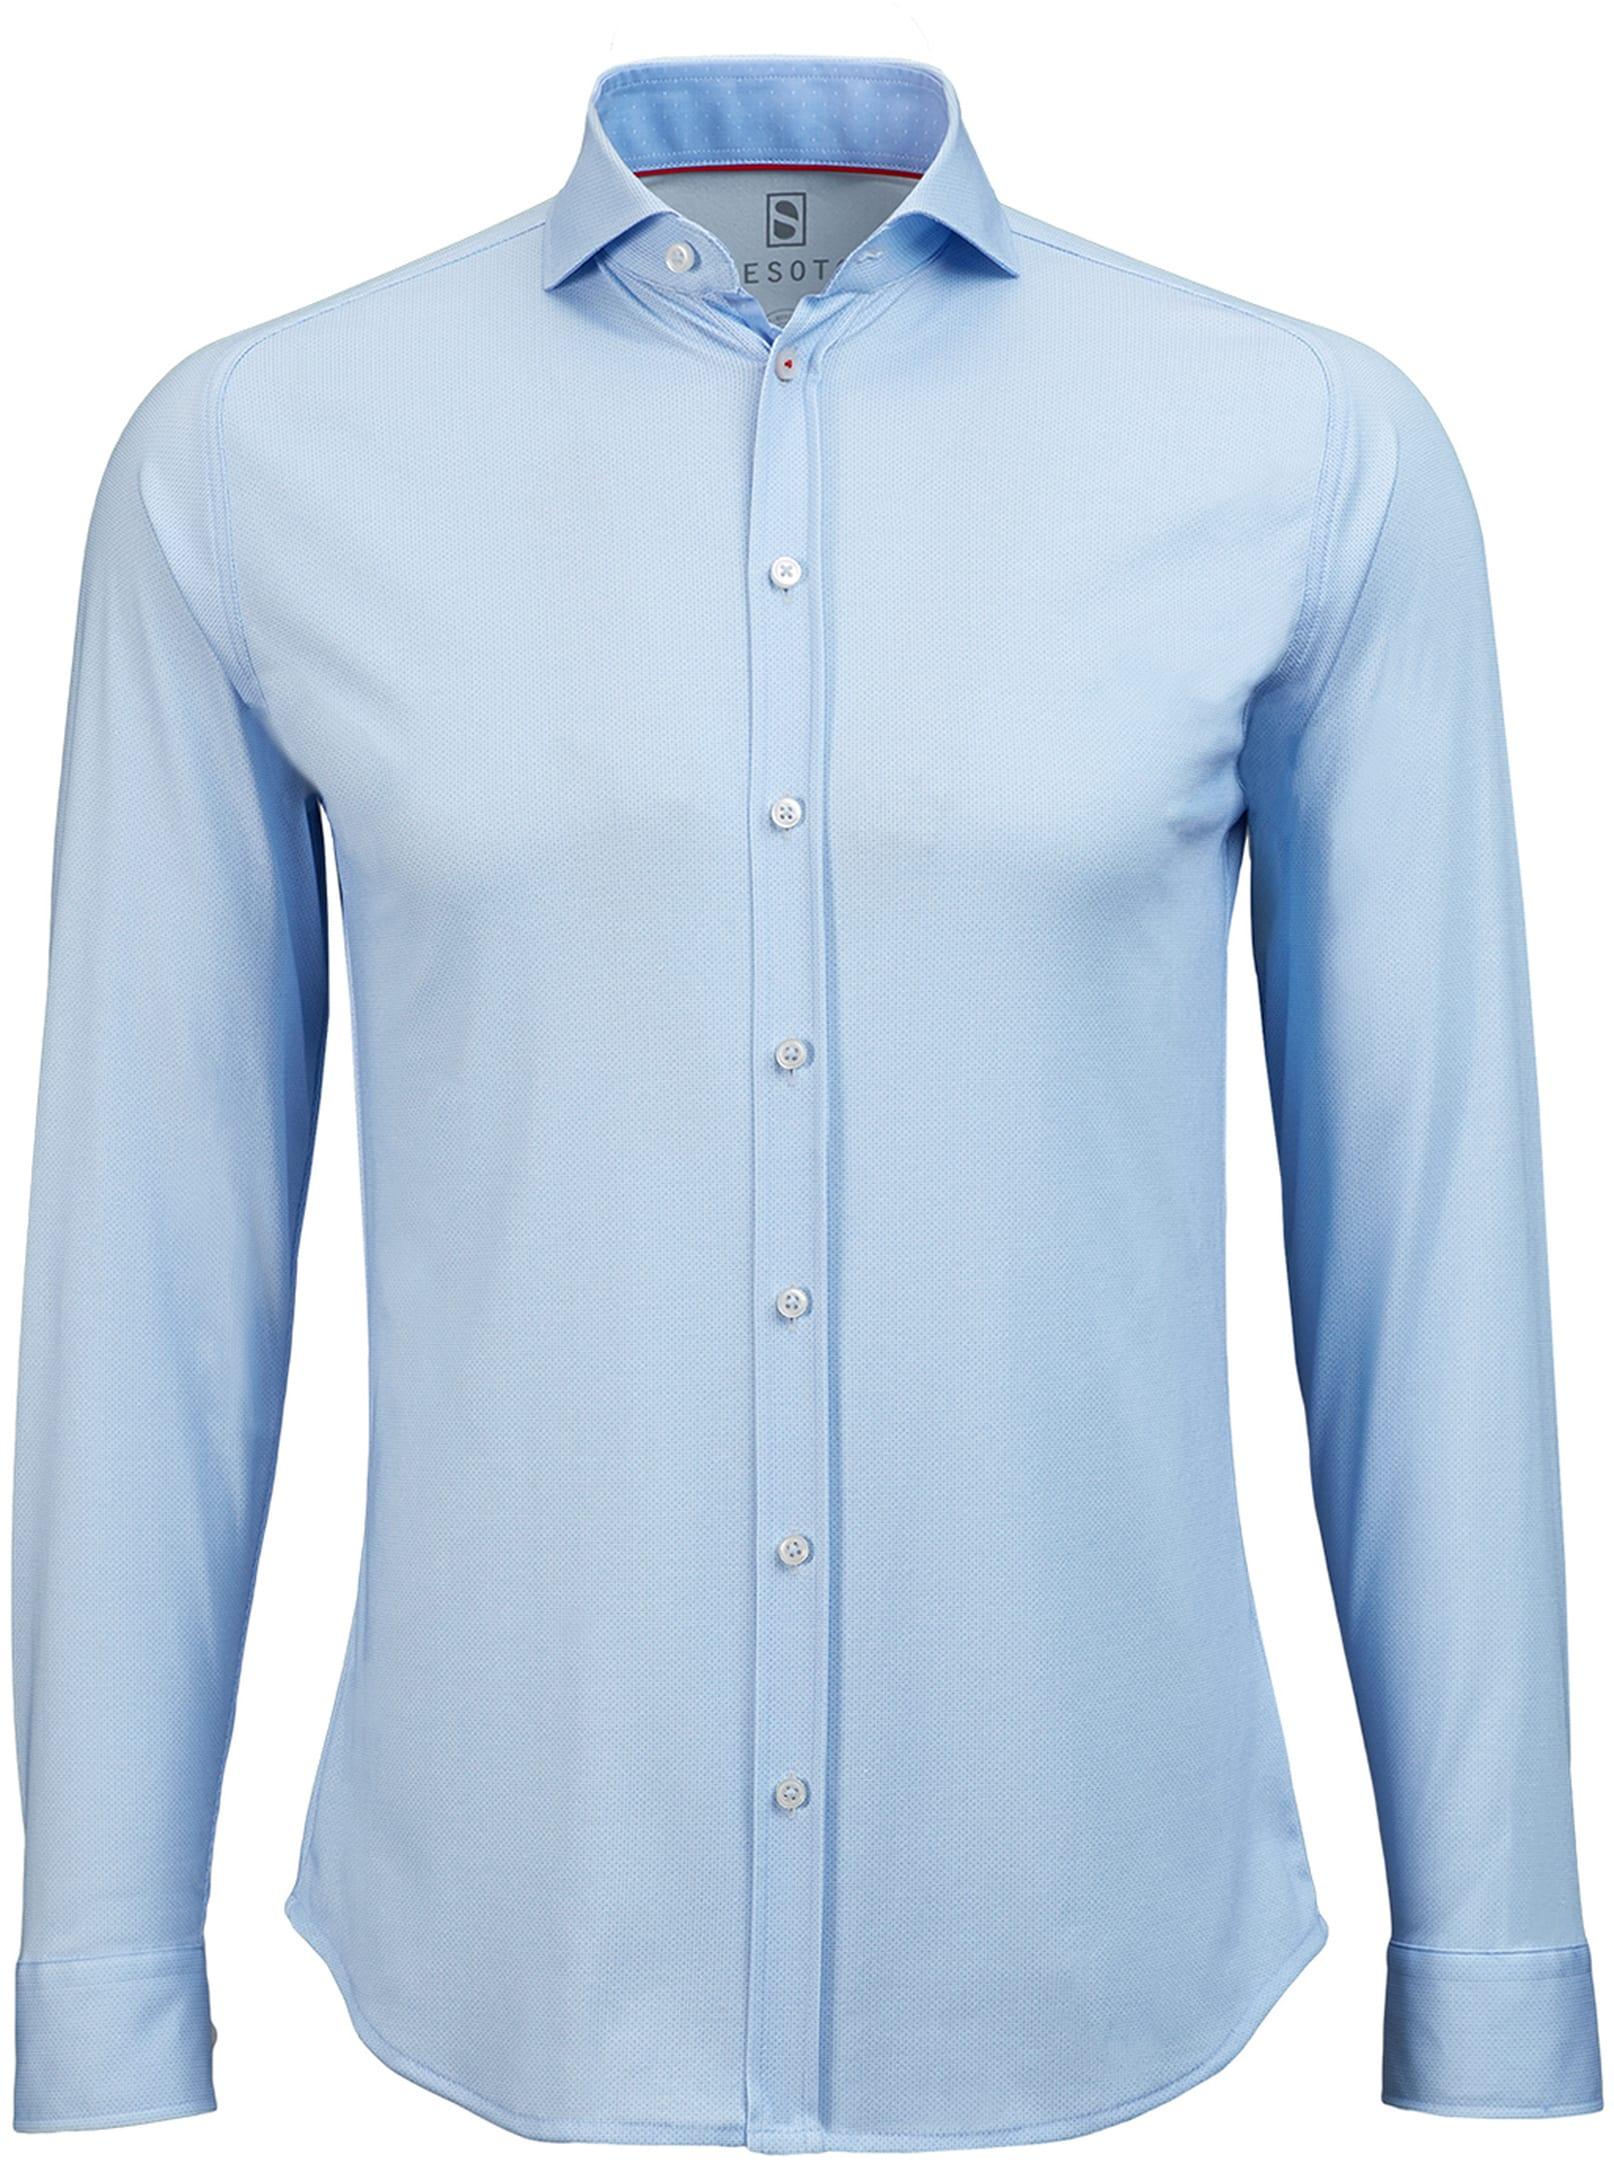 Desoto Hemd Bügelfrei Blau Oxford